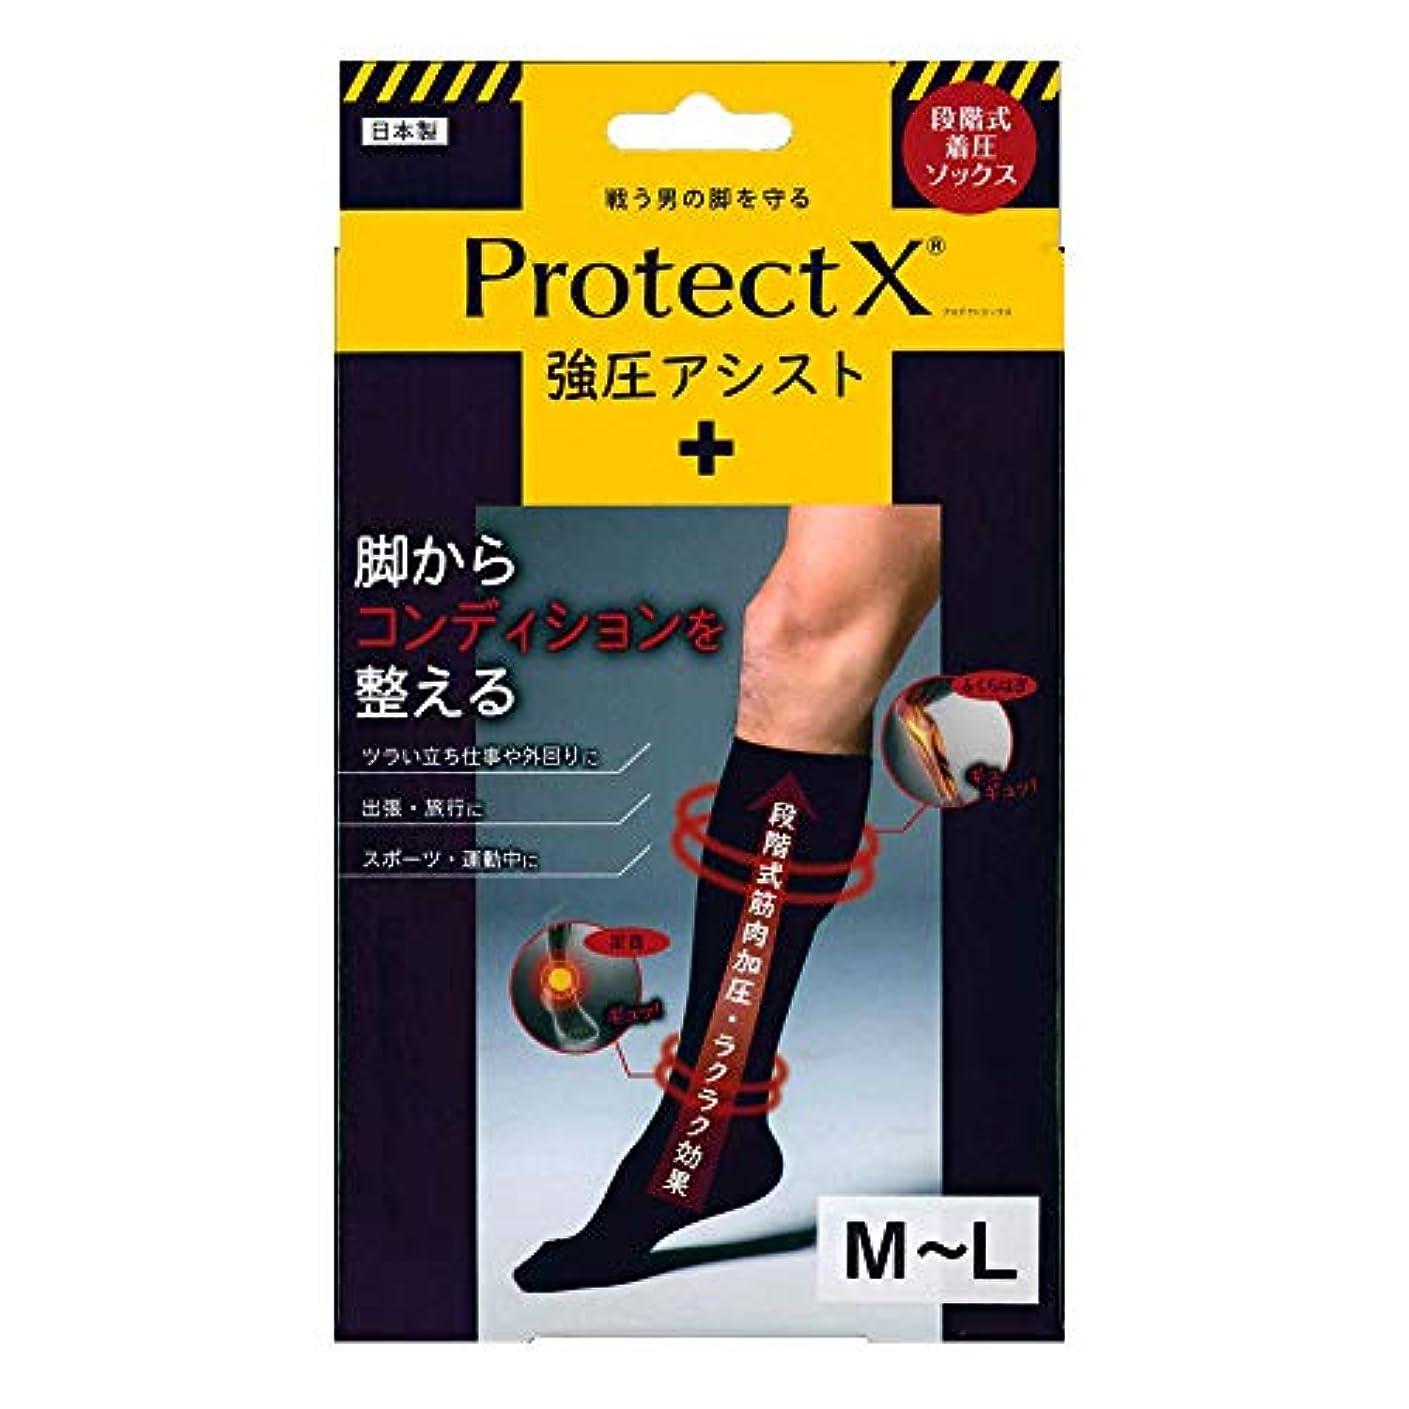 変成器ピービッシュマディソンProtect X(プロテクトエックス) 強圧アシスト つま先あり着圧ソックス 膝下 M-Lサイズ ブラック